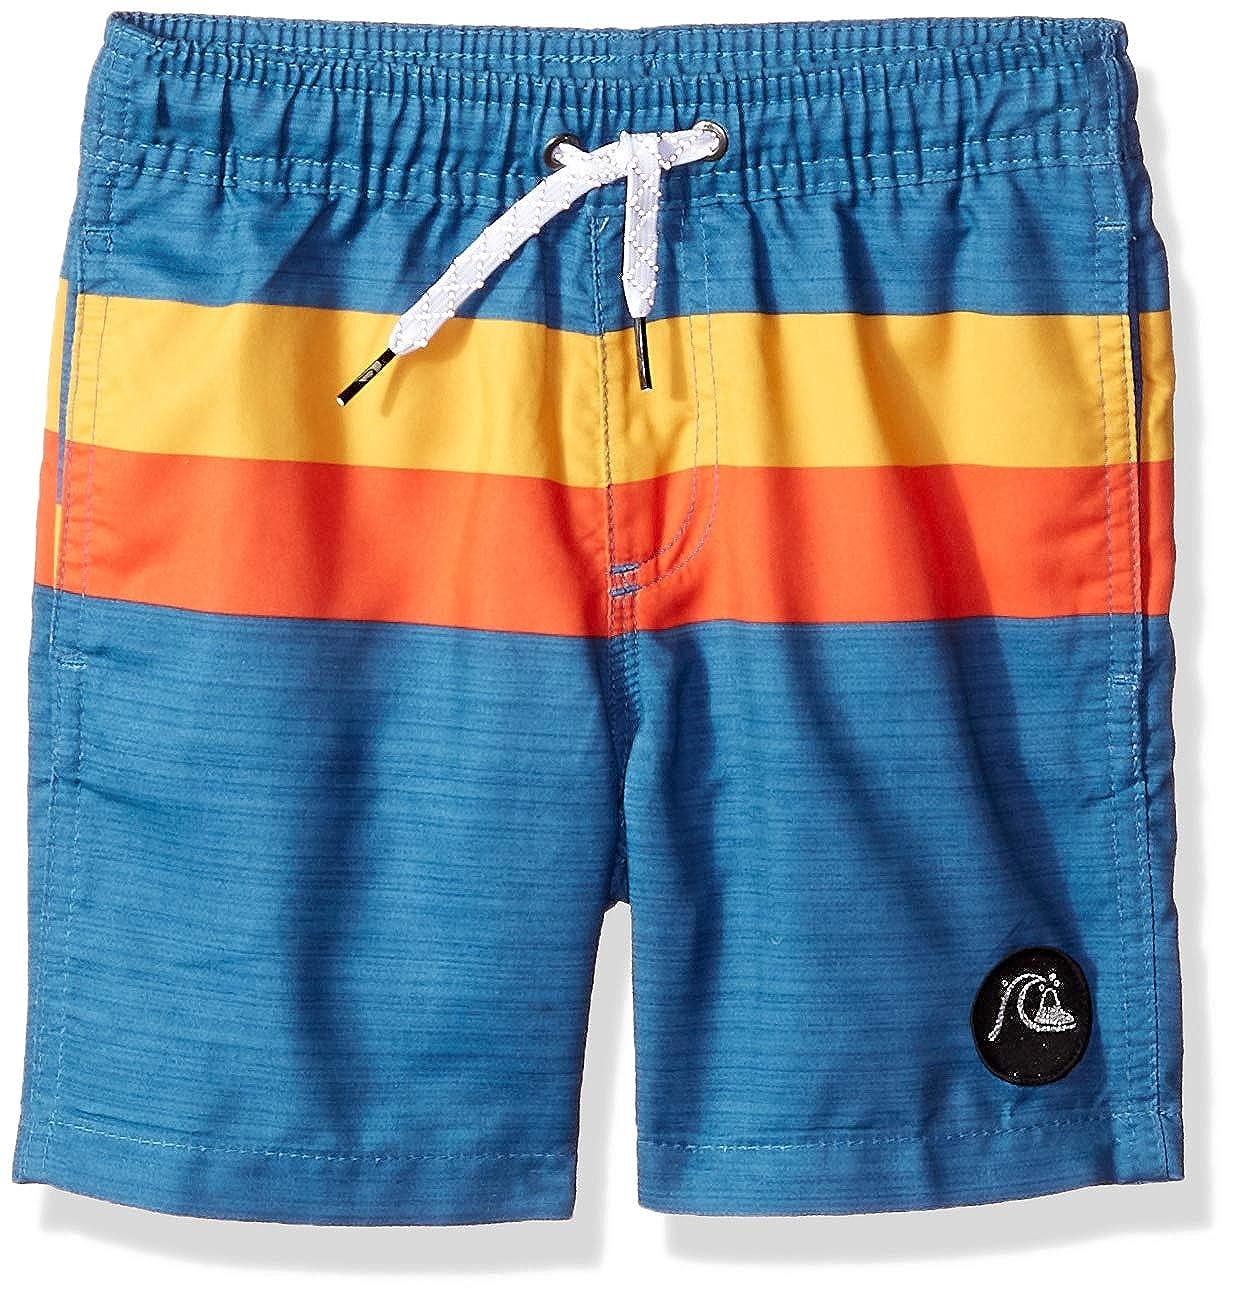 Quiksilver Little Mystery Bus Volley Boy 14 Boardshort Swim Trunk